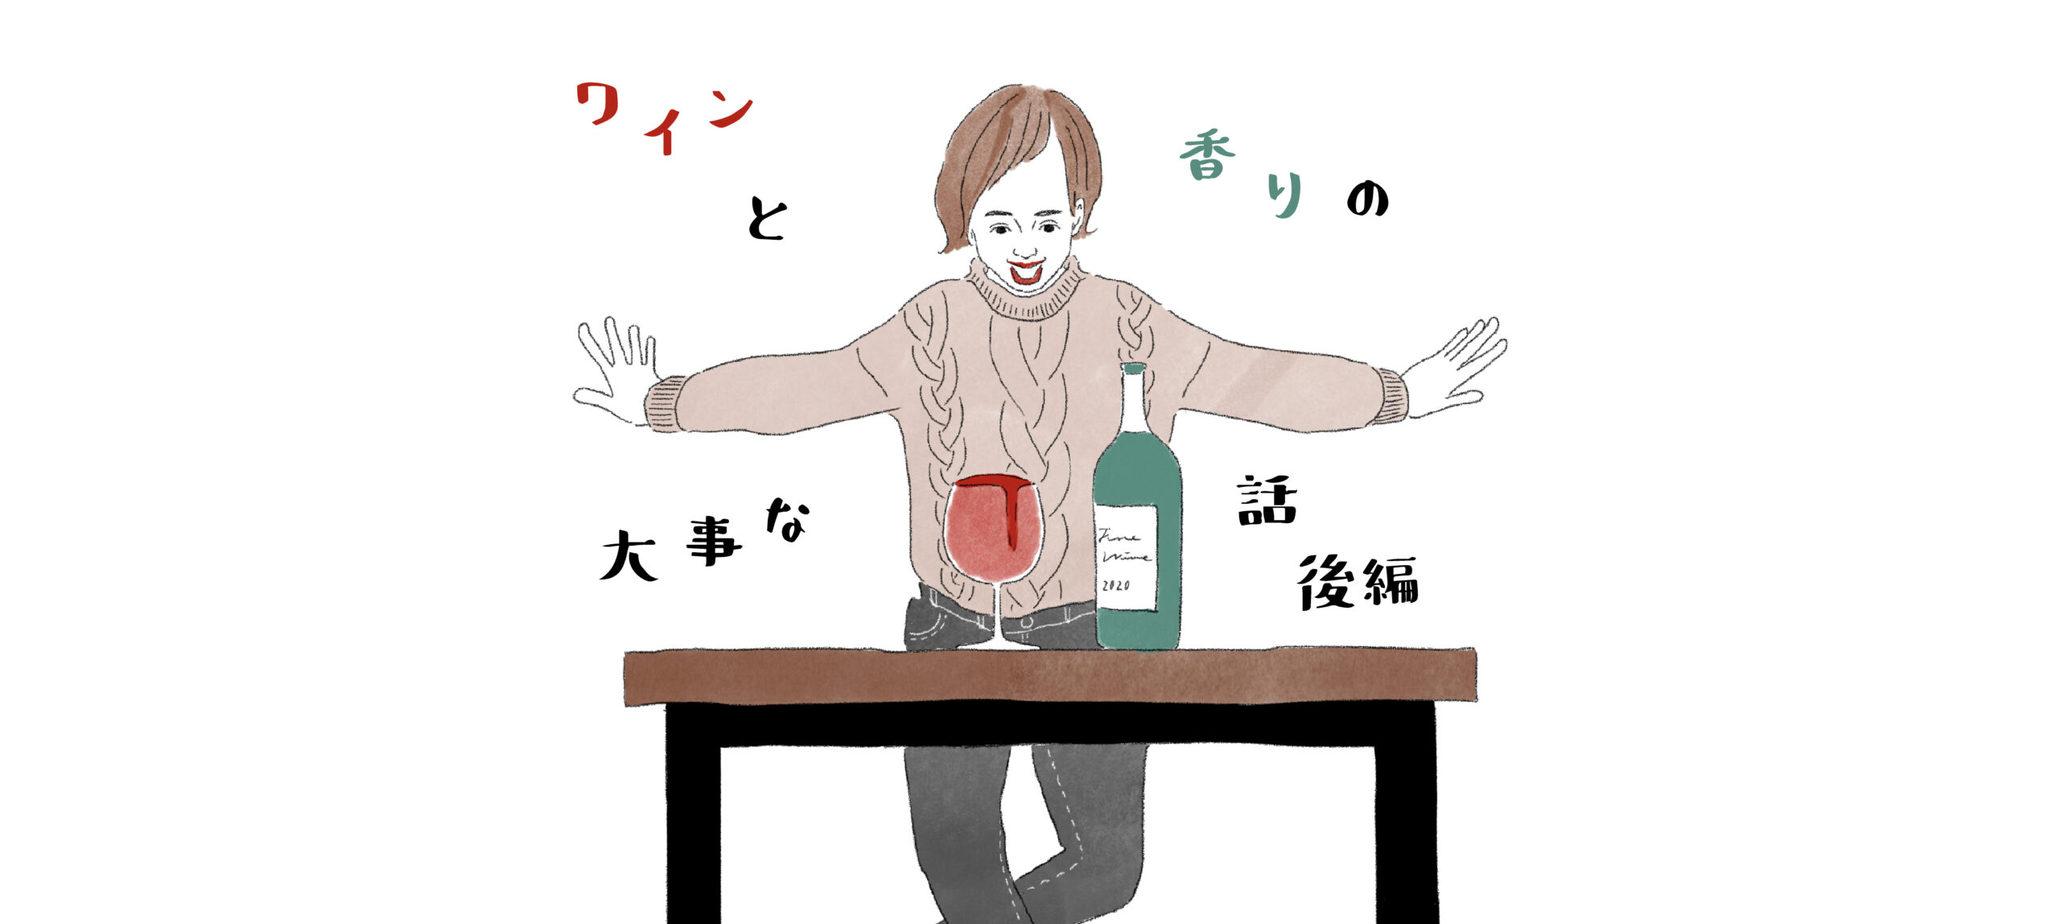 """「脱 """"なんとなくワイン選び"""" Vol.4 – ワインの醍醐味は香りにあり(後編)」のアイキャッチ画像"""